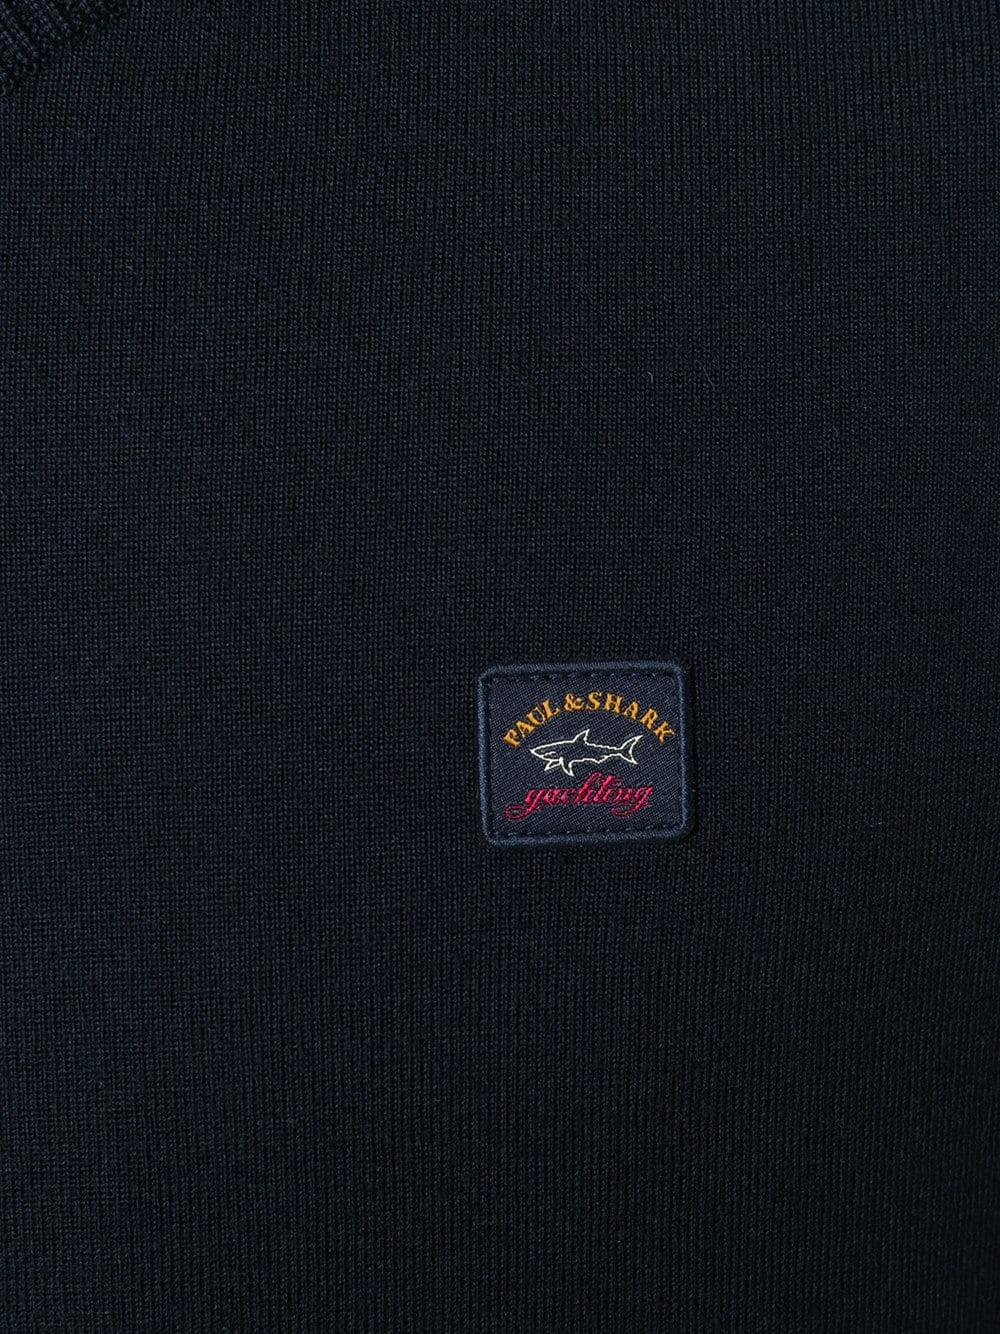 acquisto economico f0e82 927b6 SHARK LOGO JUMPER